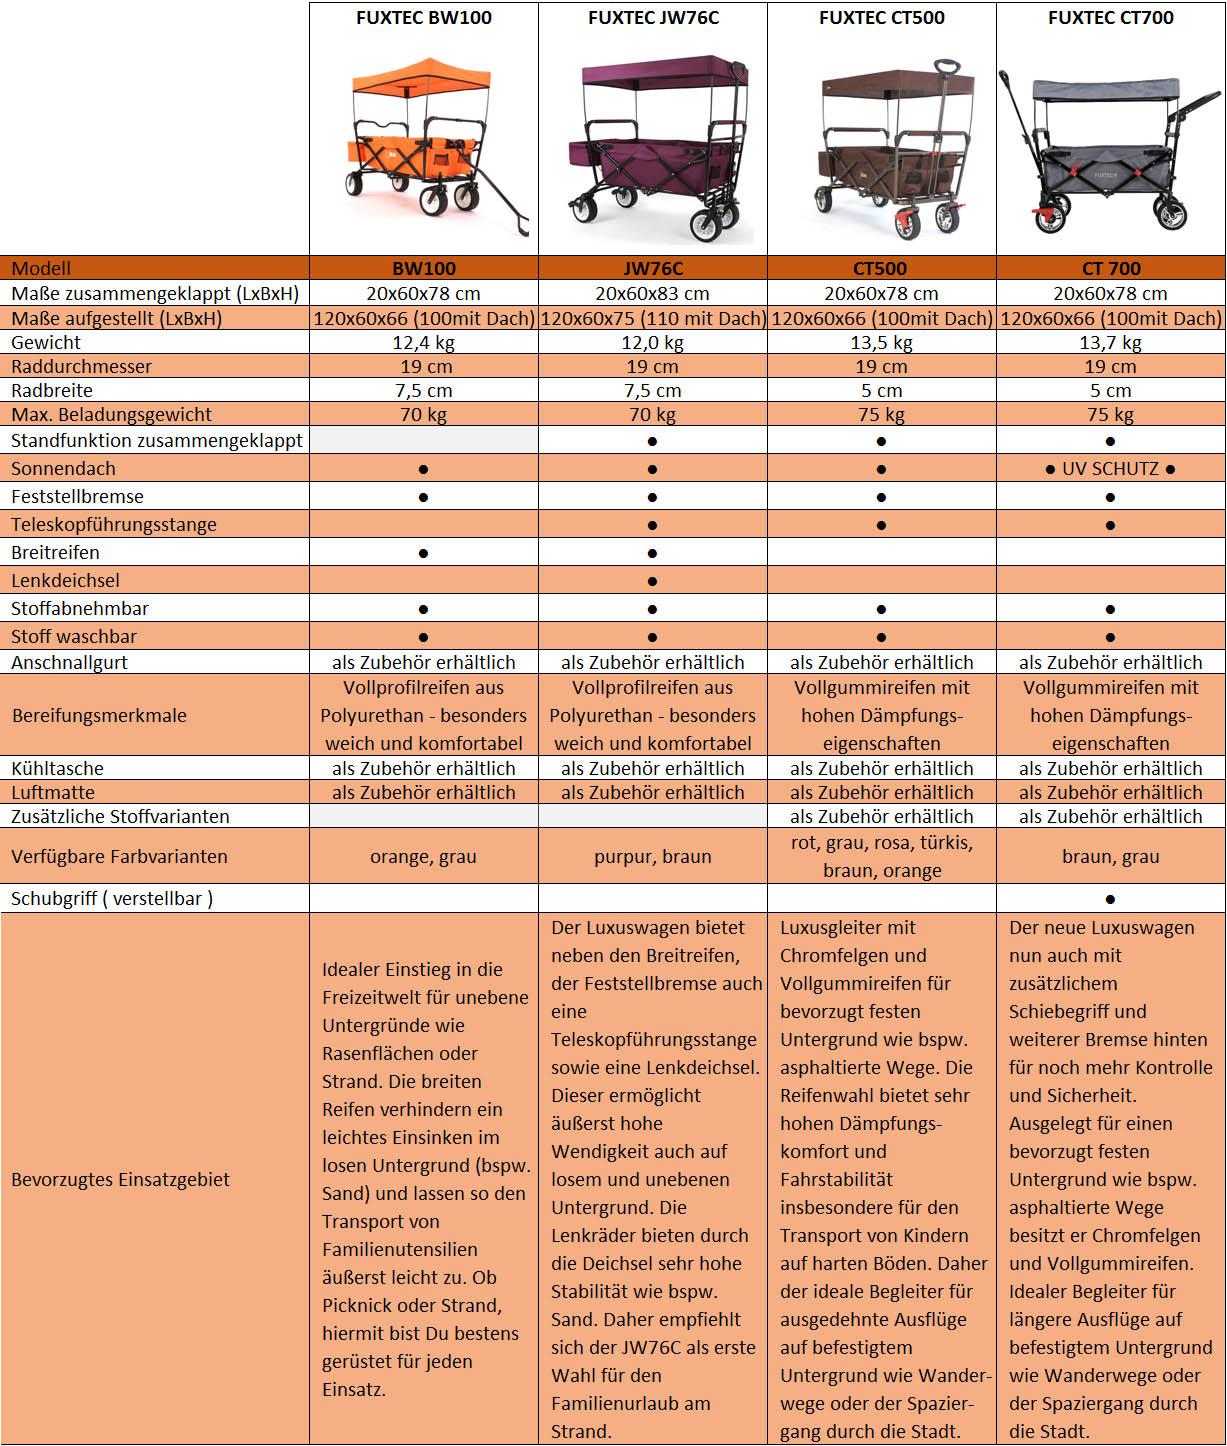 Bollerwagen_Vergleich2.jpg